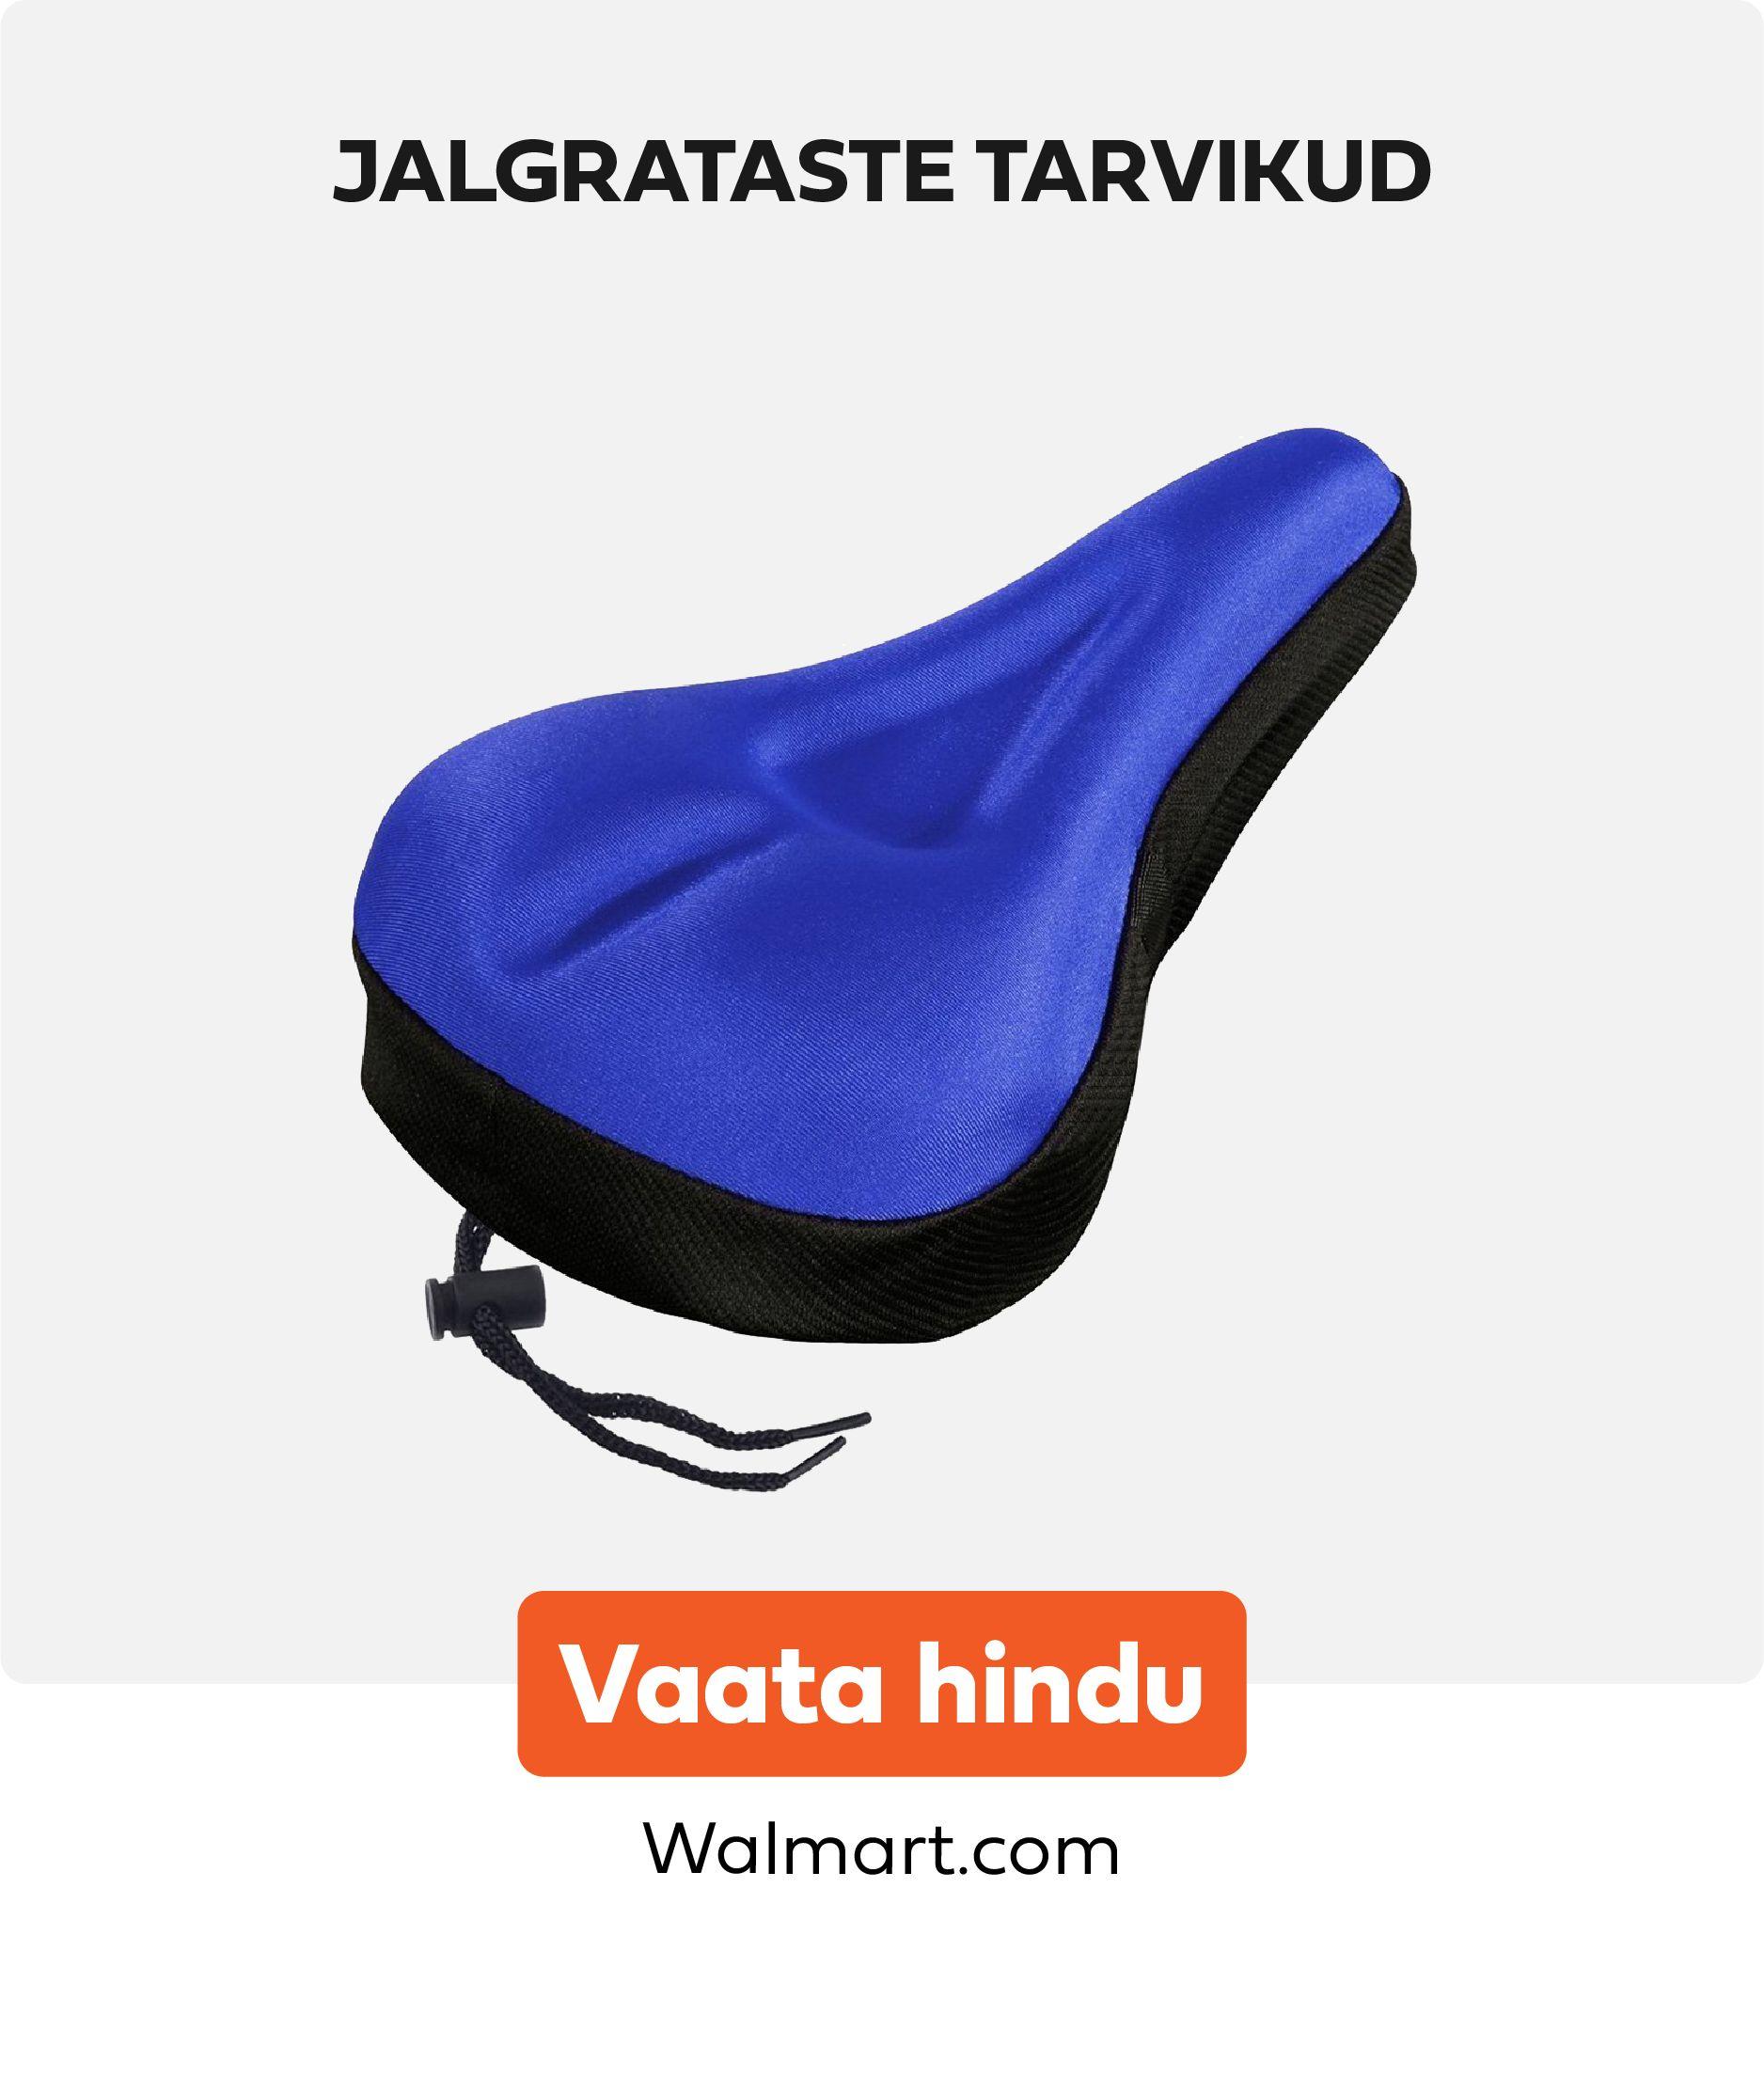 JALGRATASTE TARVIKUD